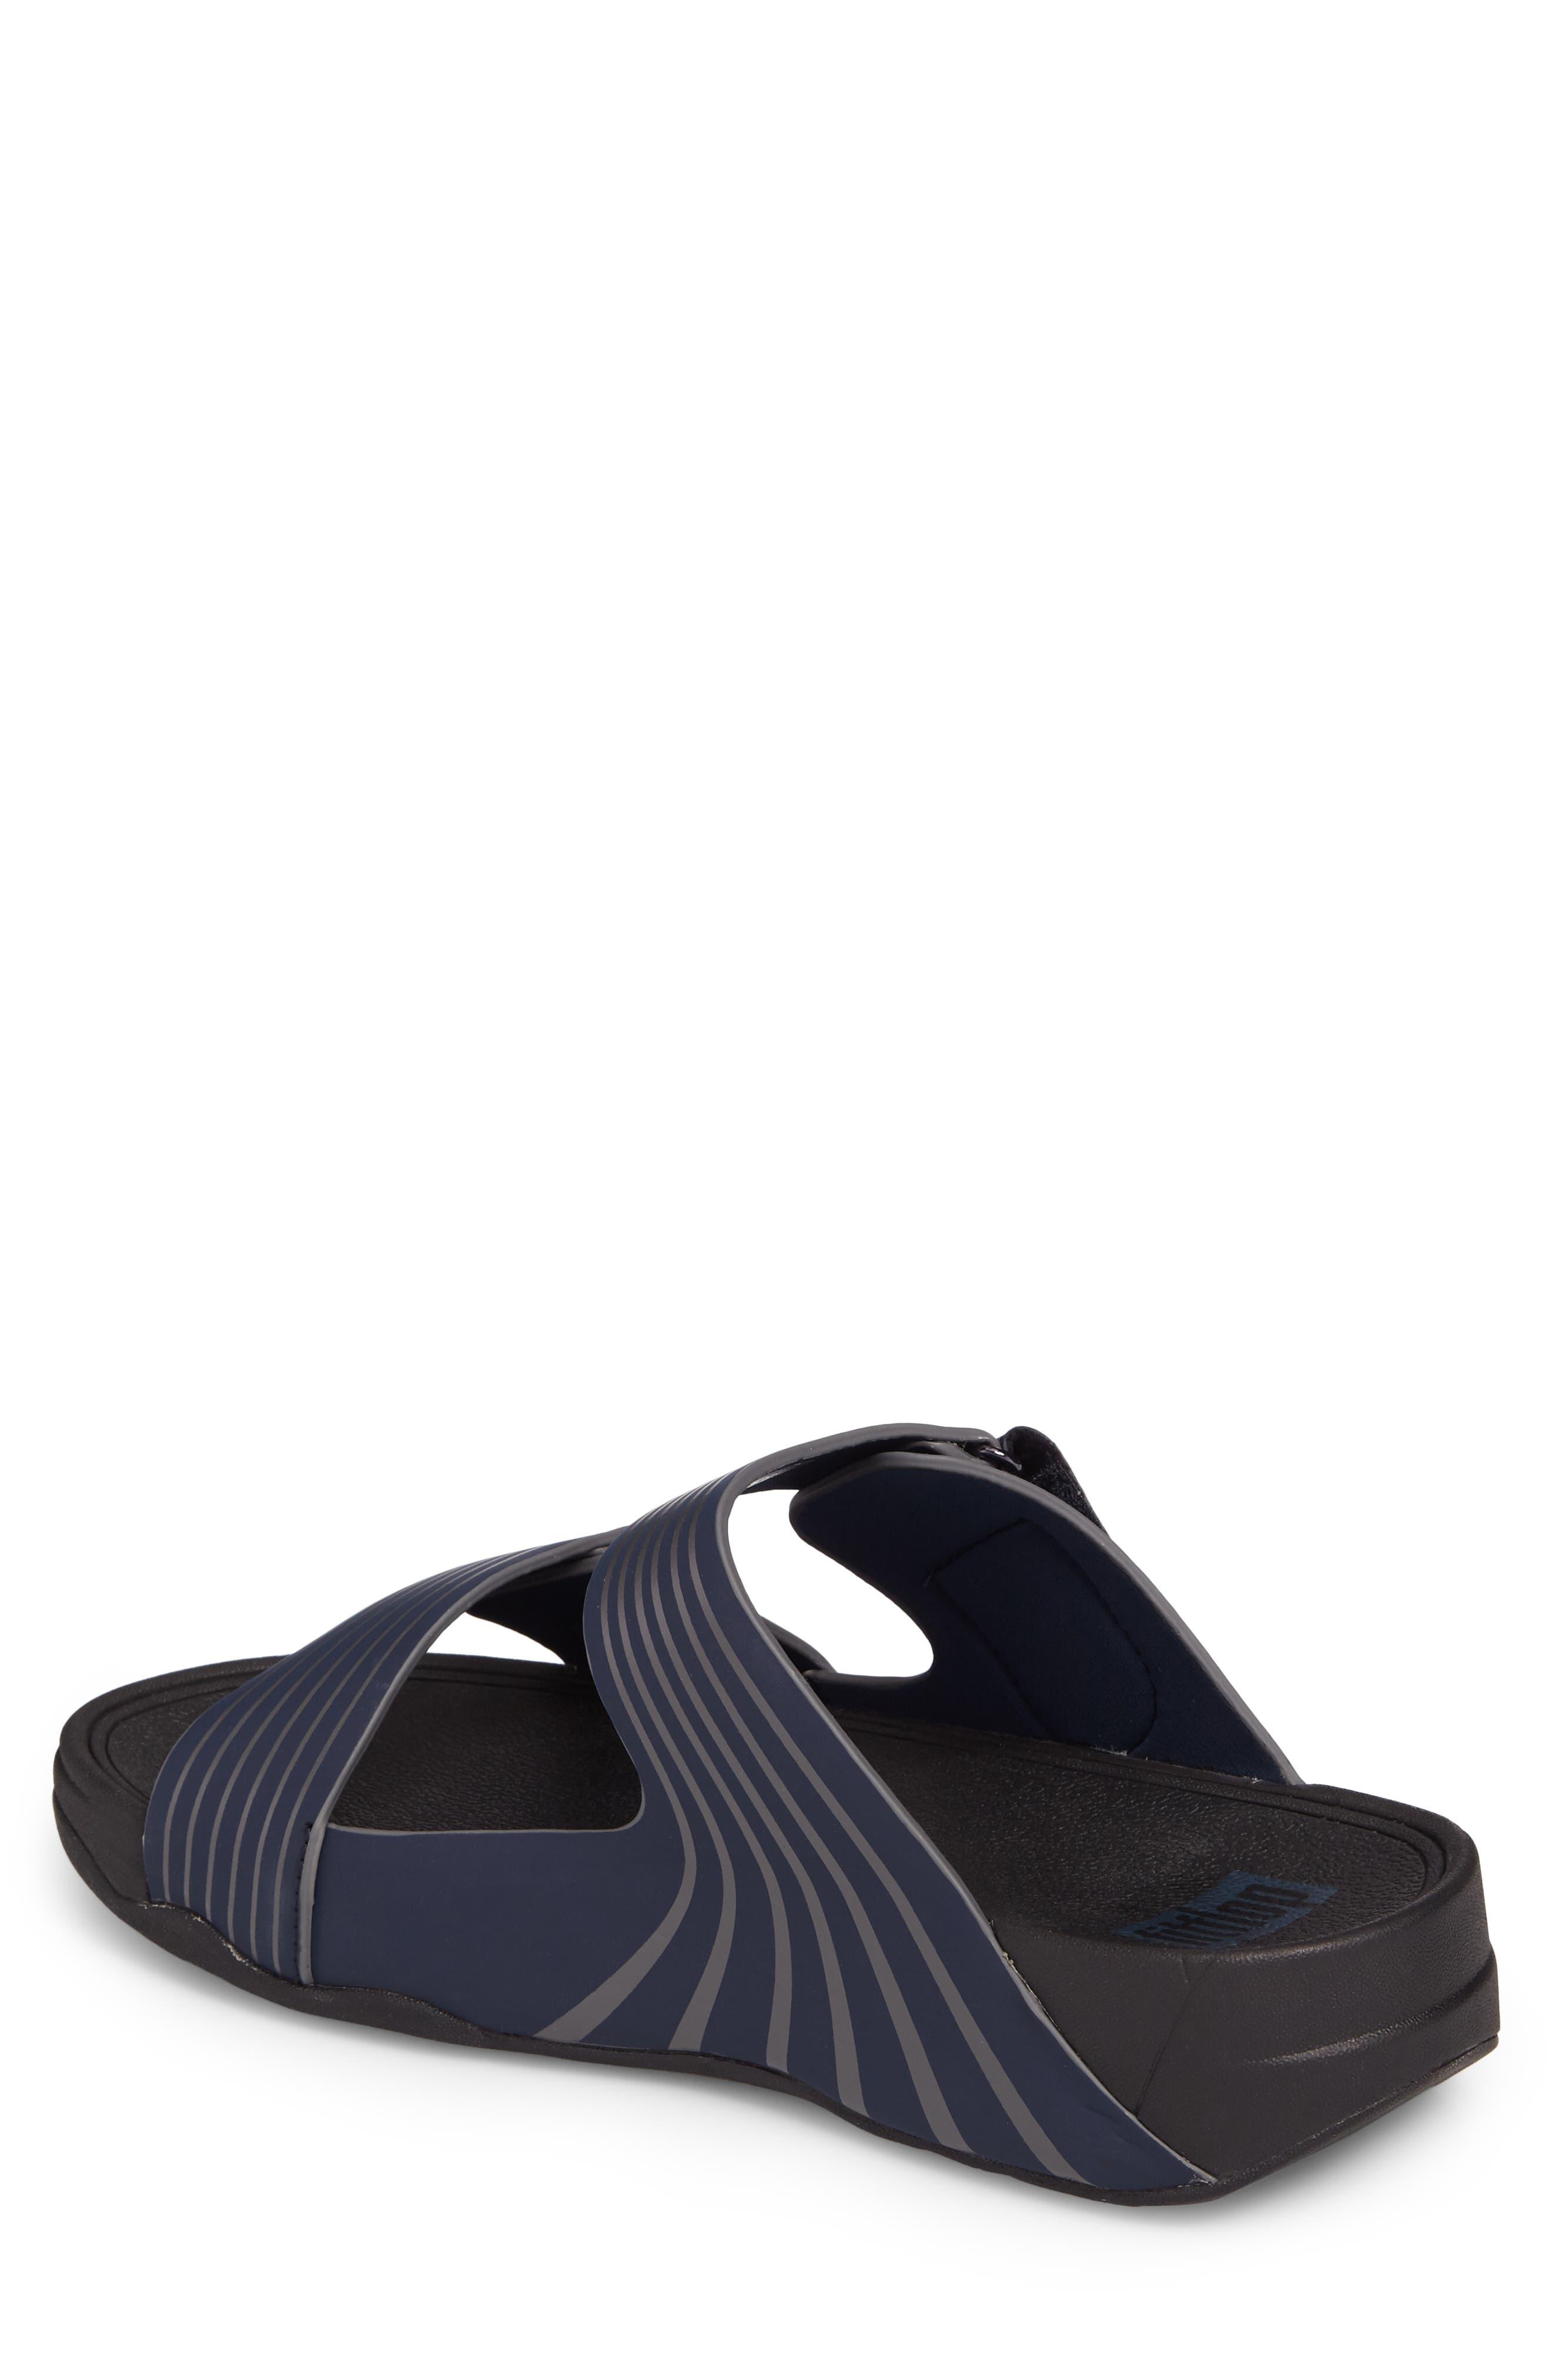 Alternate Image 2  - FitFlop Gogh Sport Slide Sandal (Men)